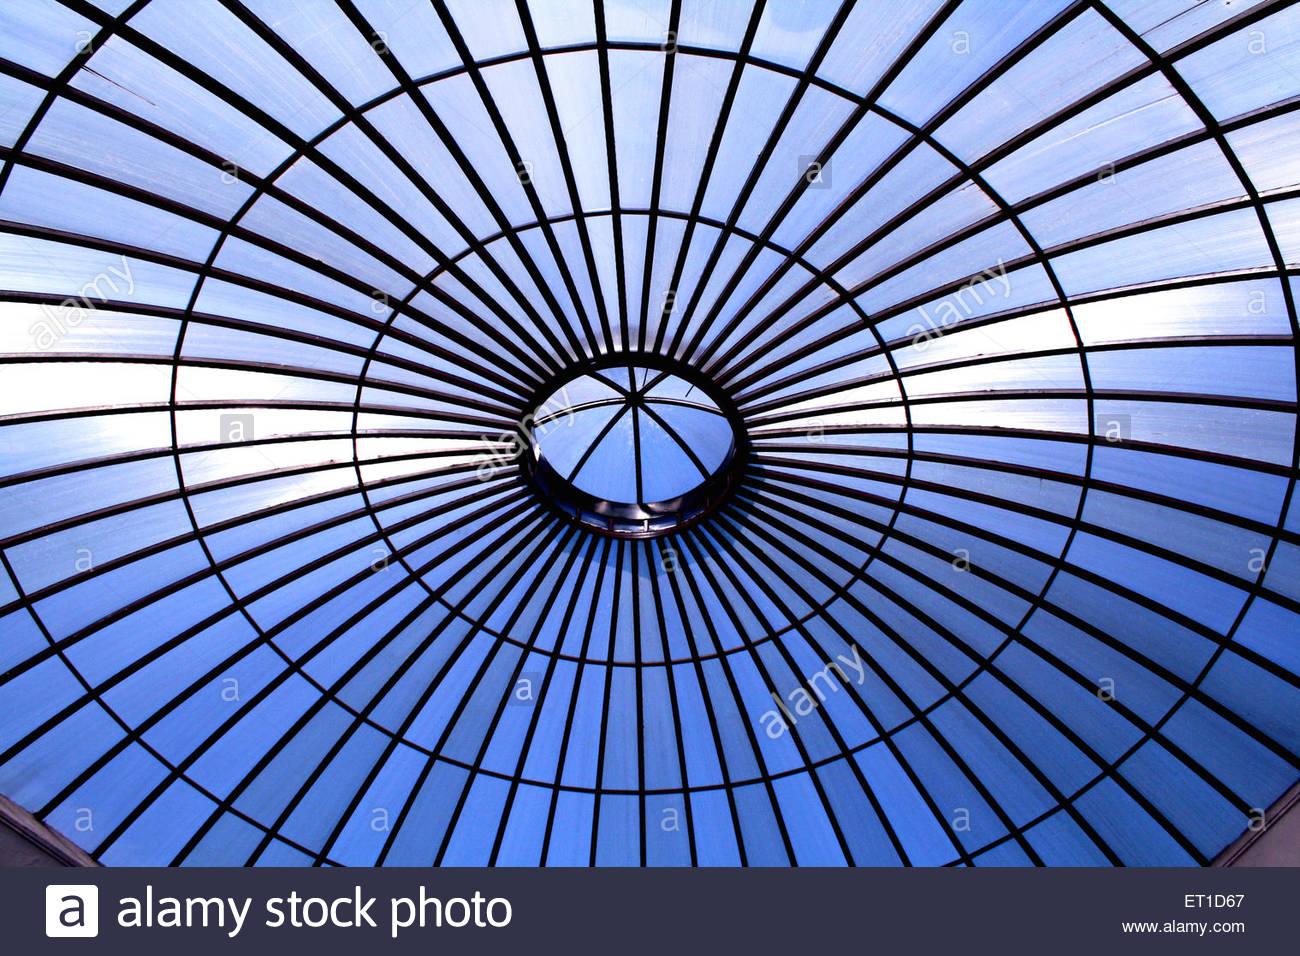 Modèle circulaire des cercles concentriques de grille en métal couleurs bleu et noir Photo Stock